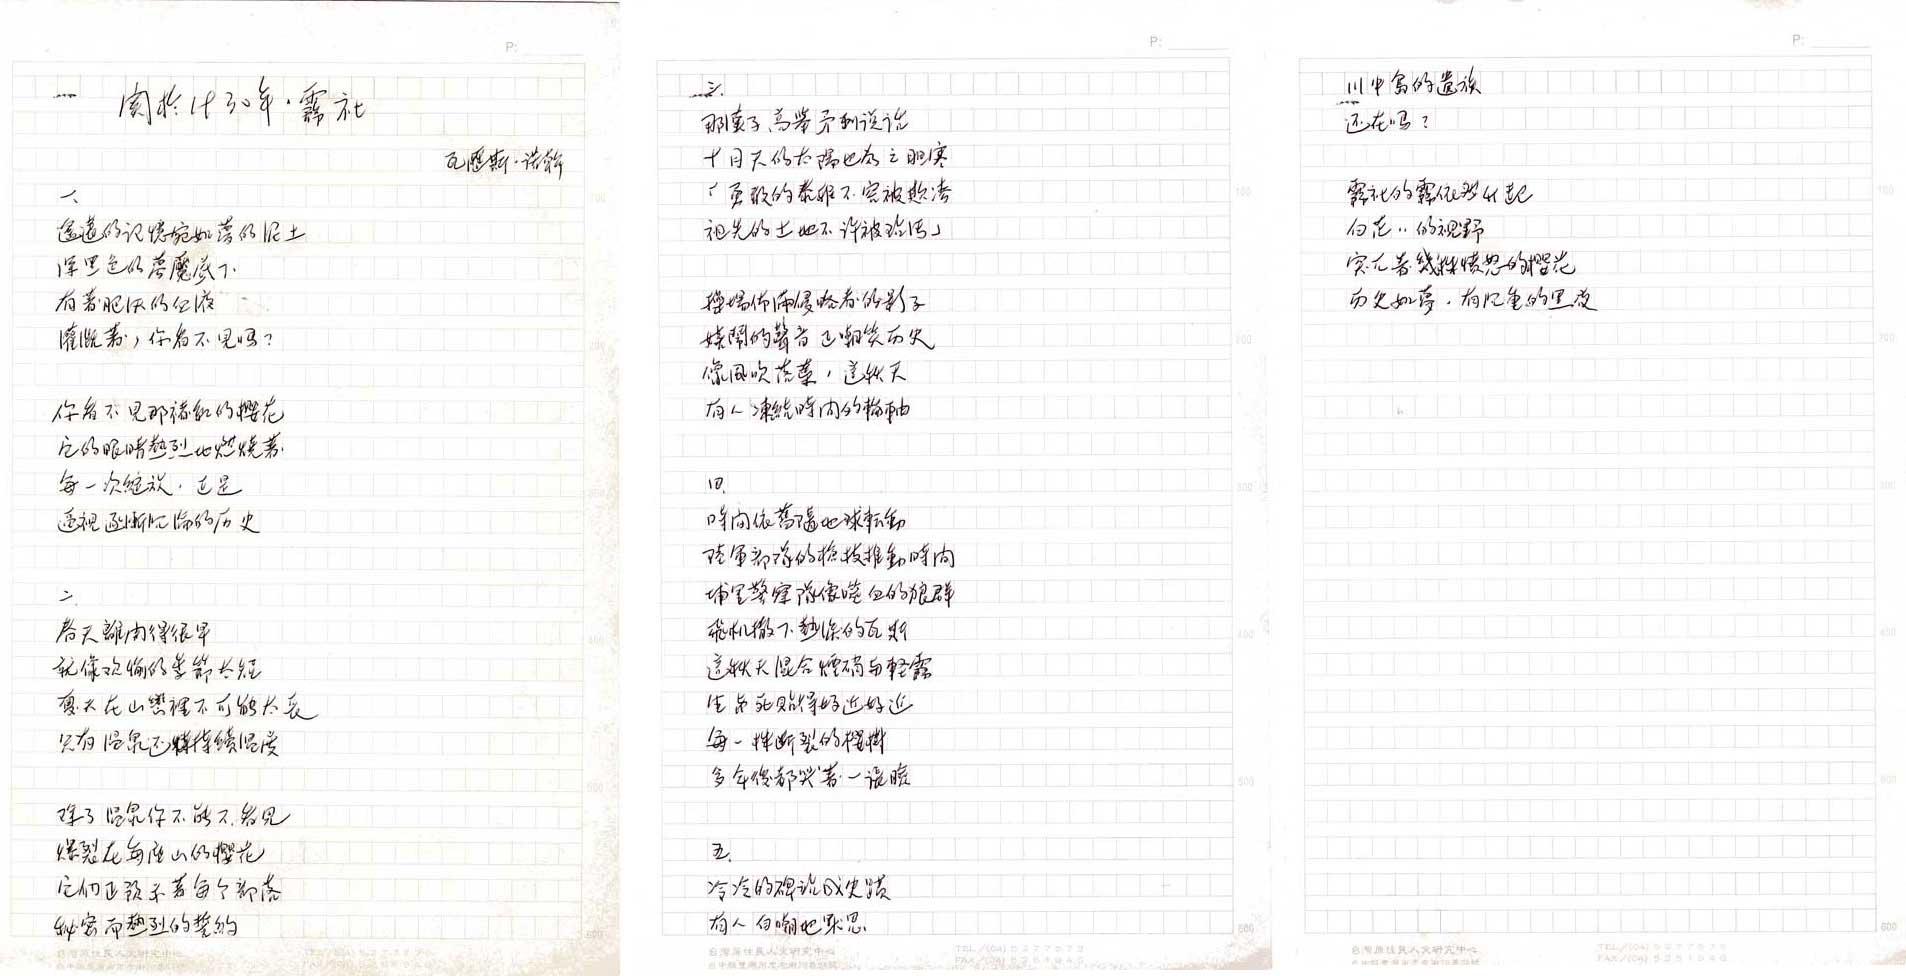 瓦歷斯.諾幹〈關於1930年.霧社〉 手稿